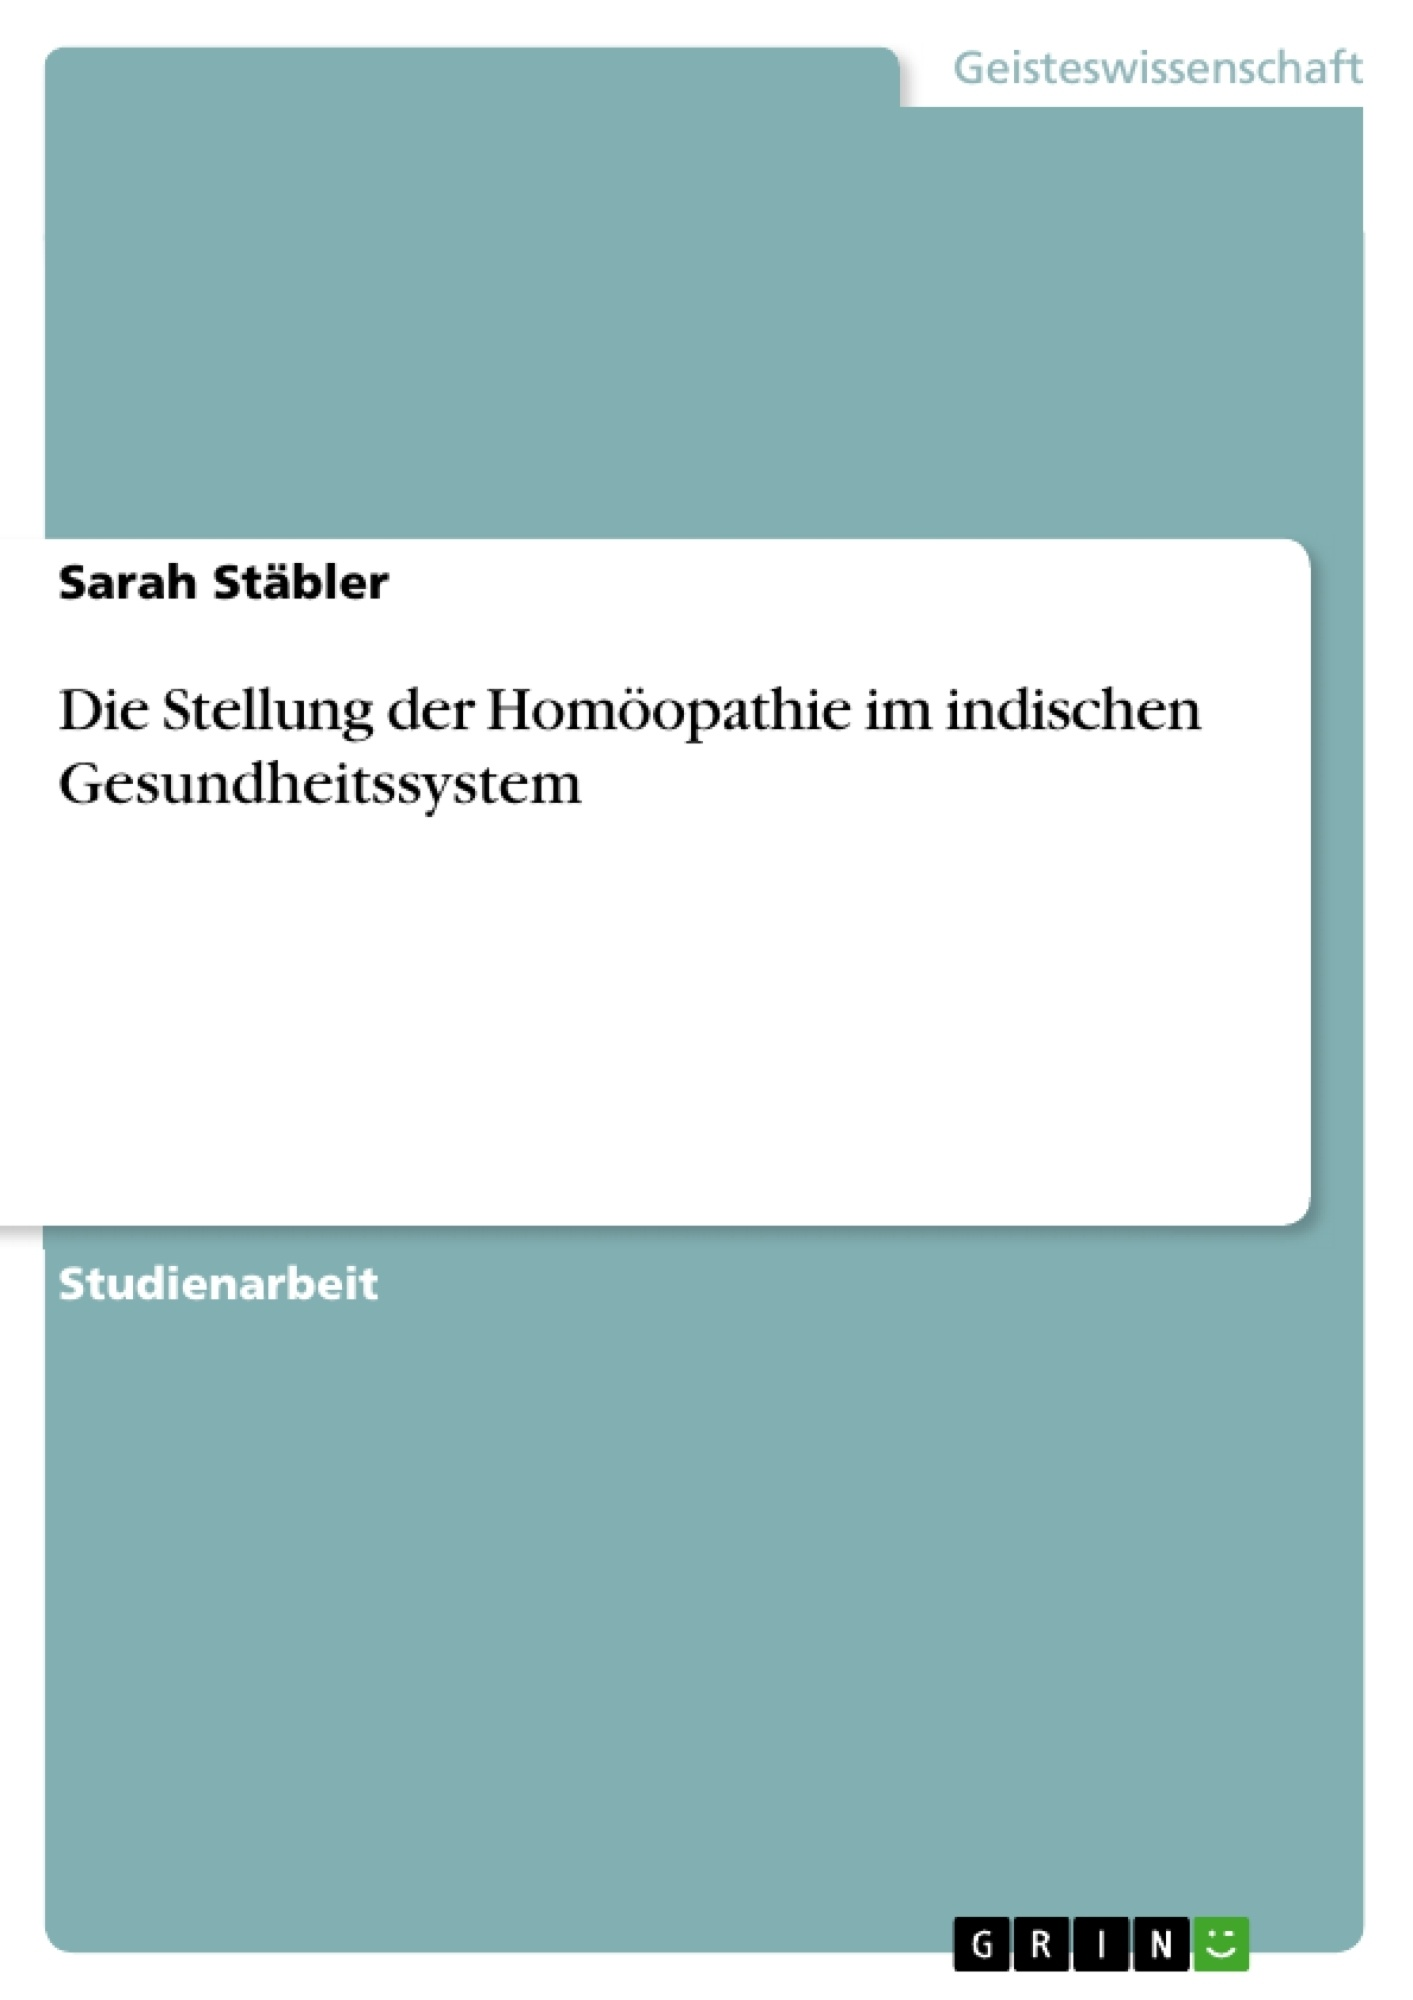 Titel: Die Stellung der Homöopathie im indischen Gesundheitssystem